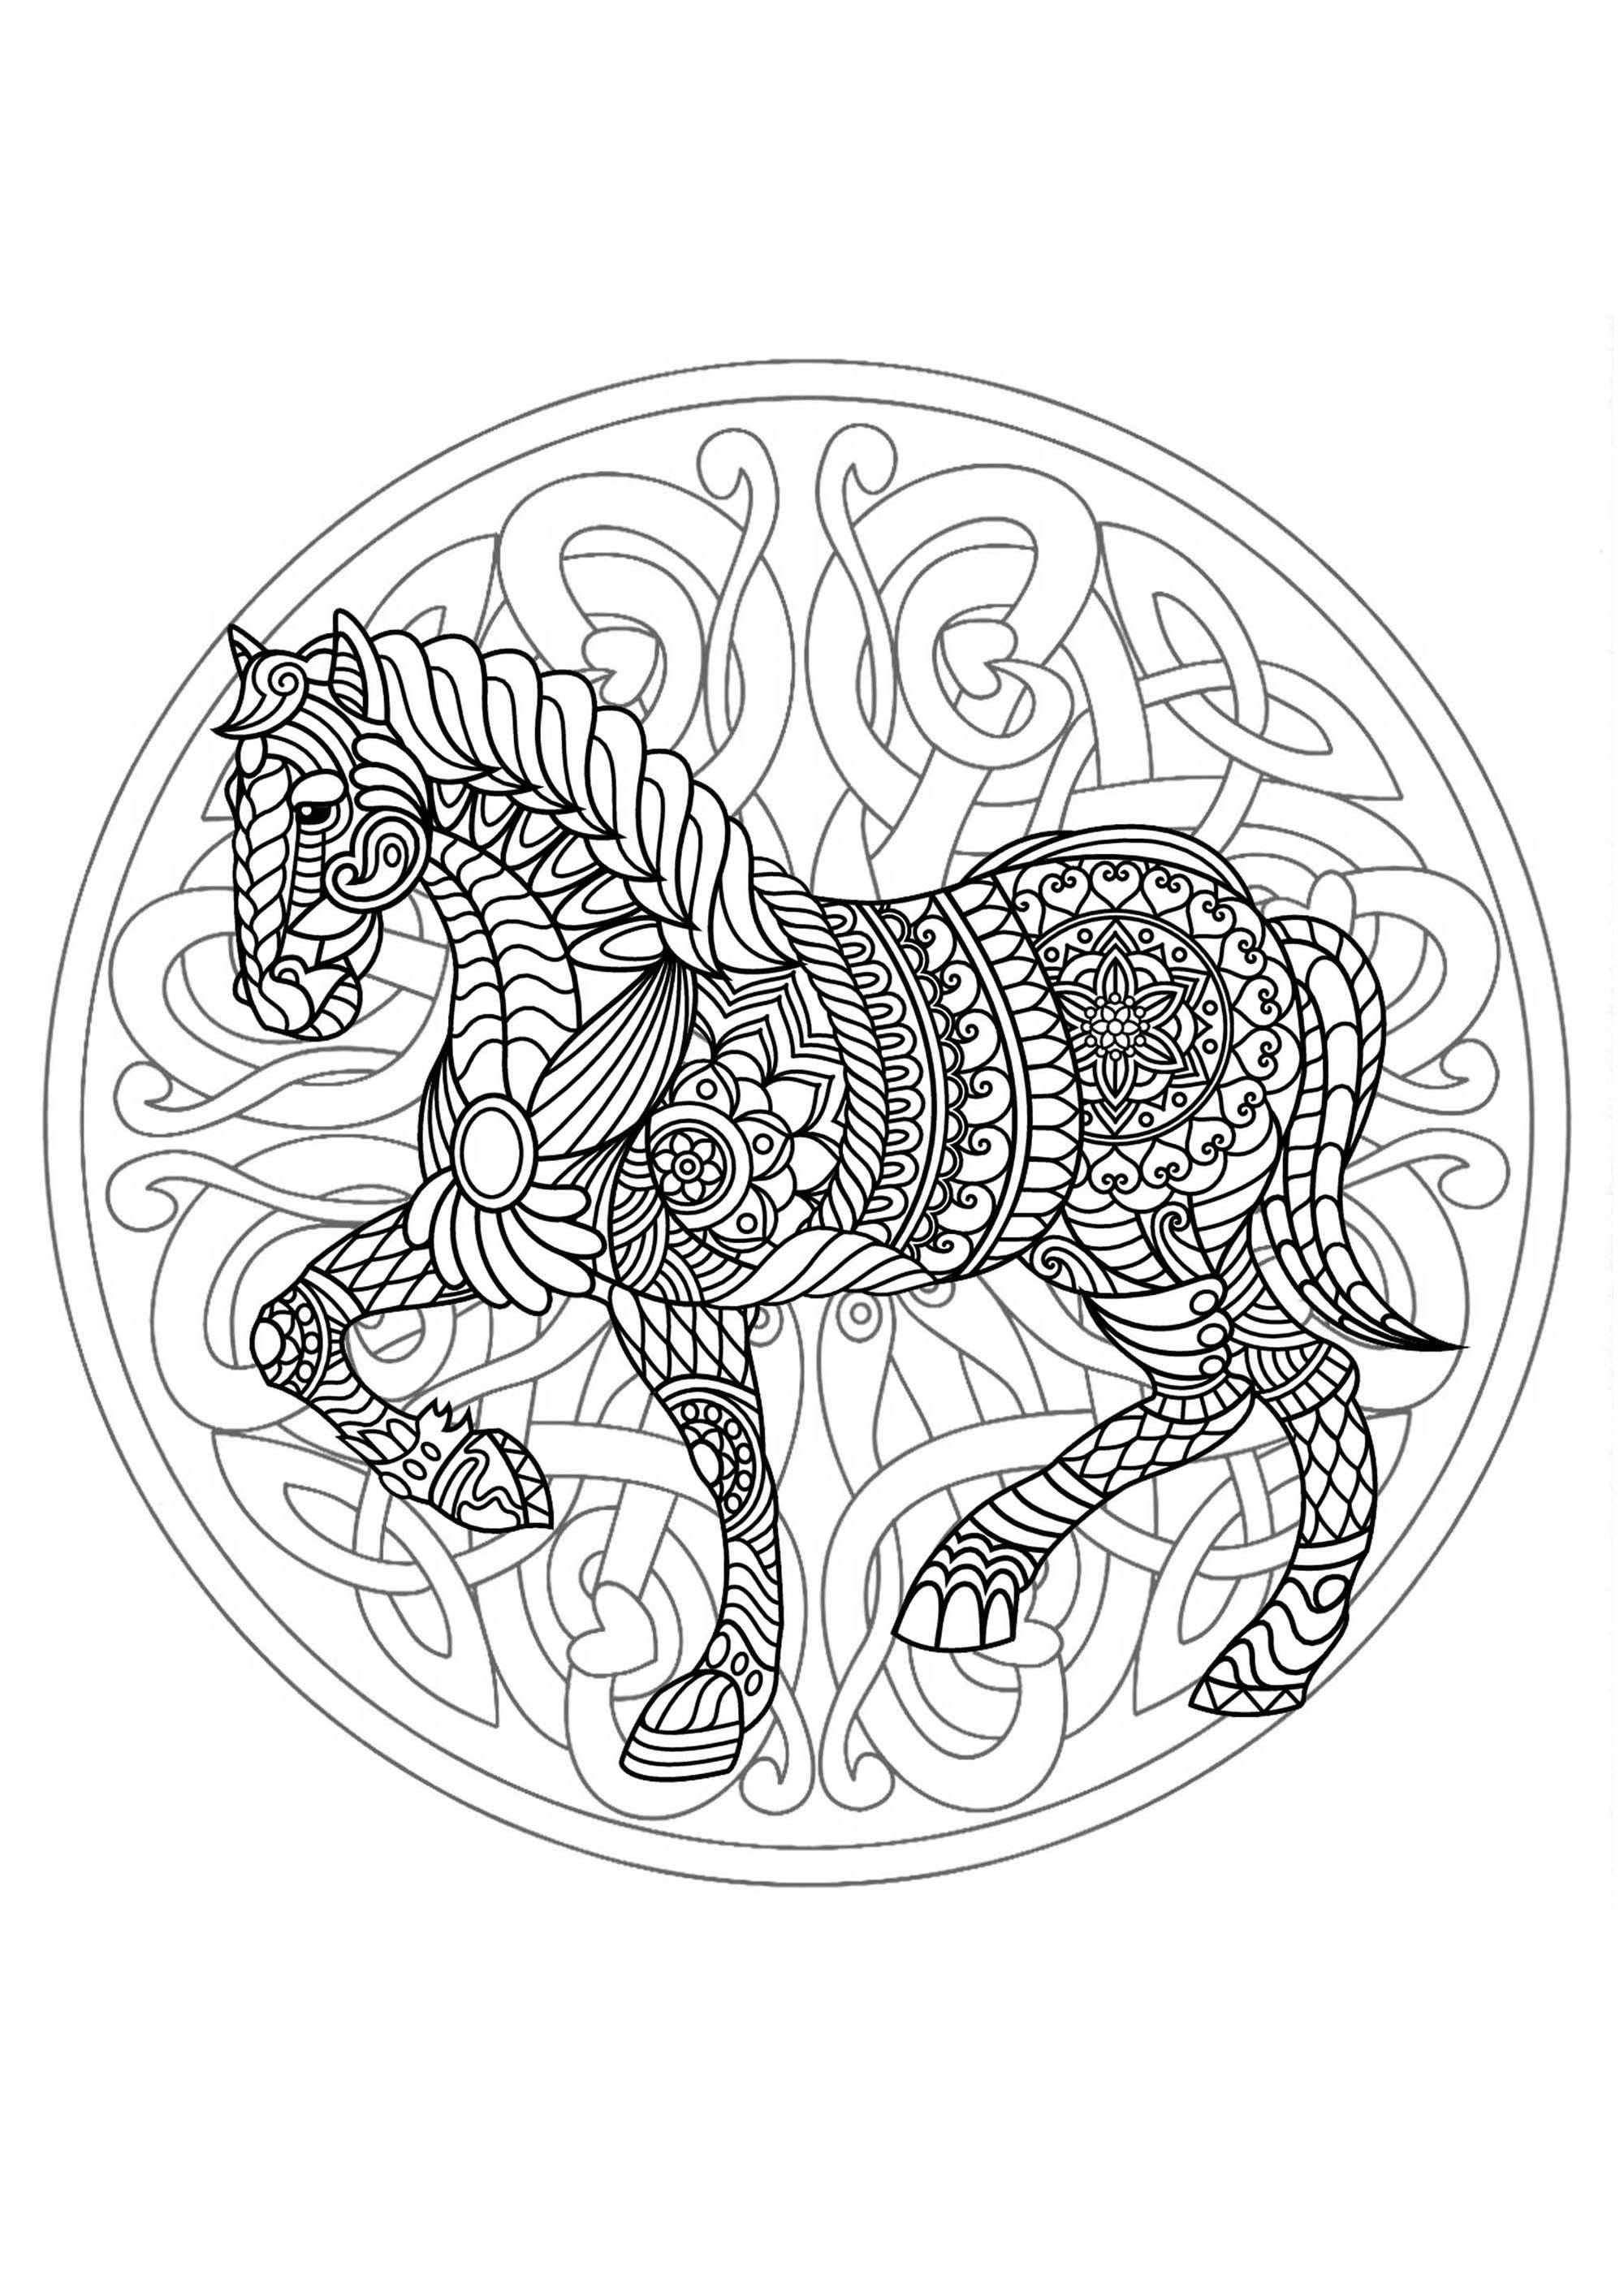 Mandala Horse 3 Difficult Mandalas For Adults 100